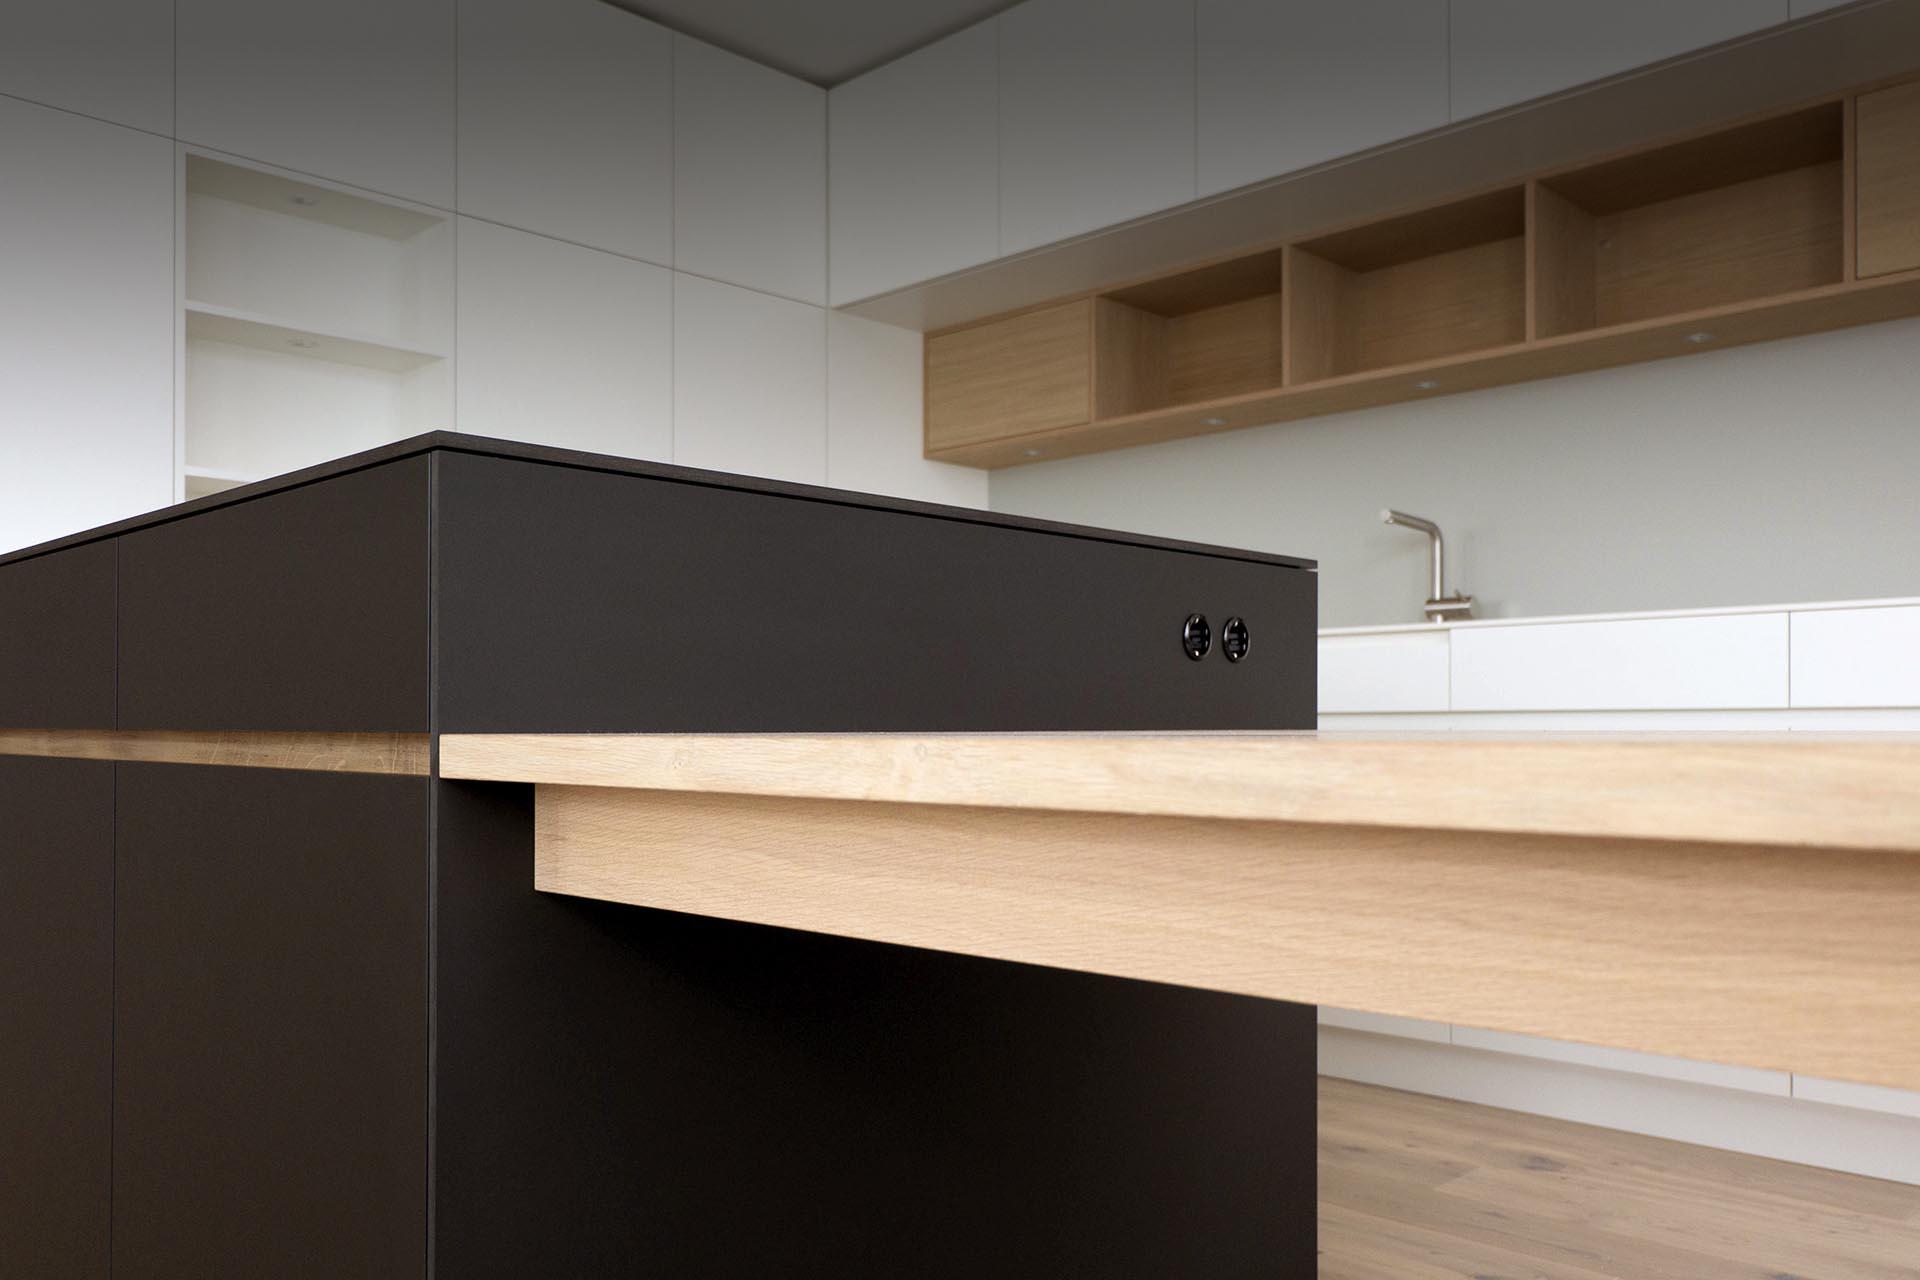 Masfina | Feine Küchen und Möbel auf Mass | Home Slider Image 005